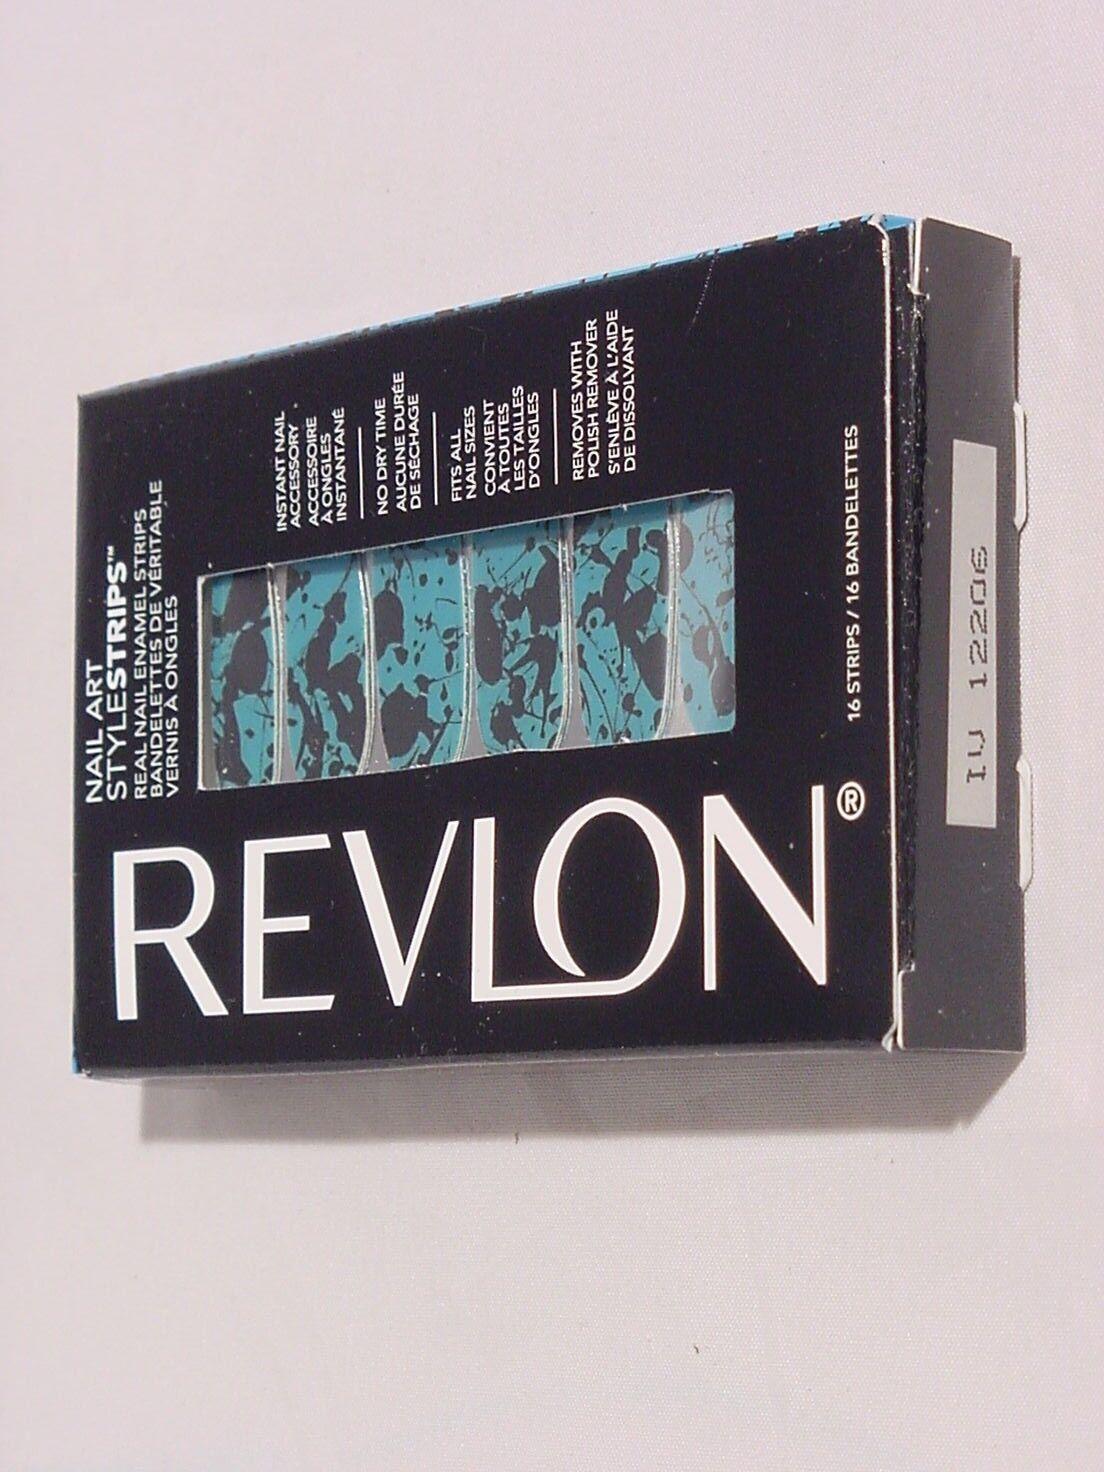 Revlon Nail Art Style Strips Blue And Black Paint Splatter 12206